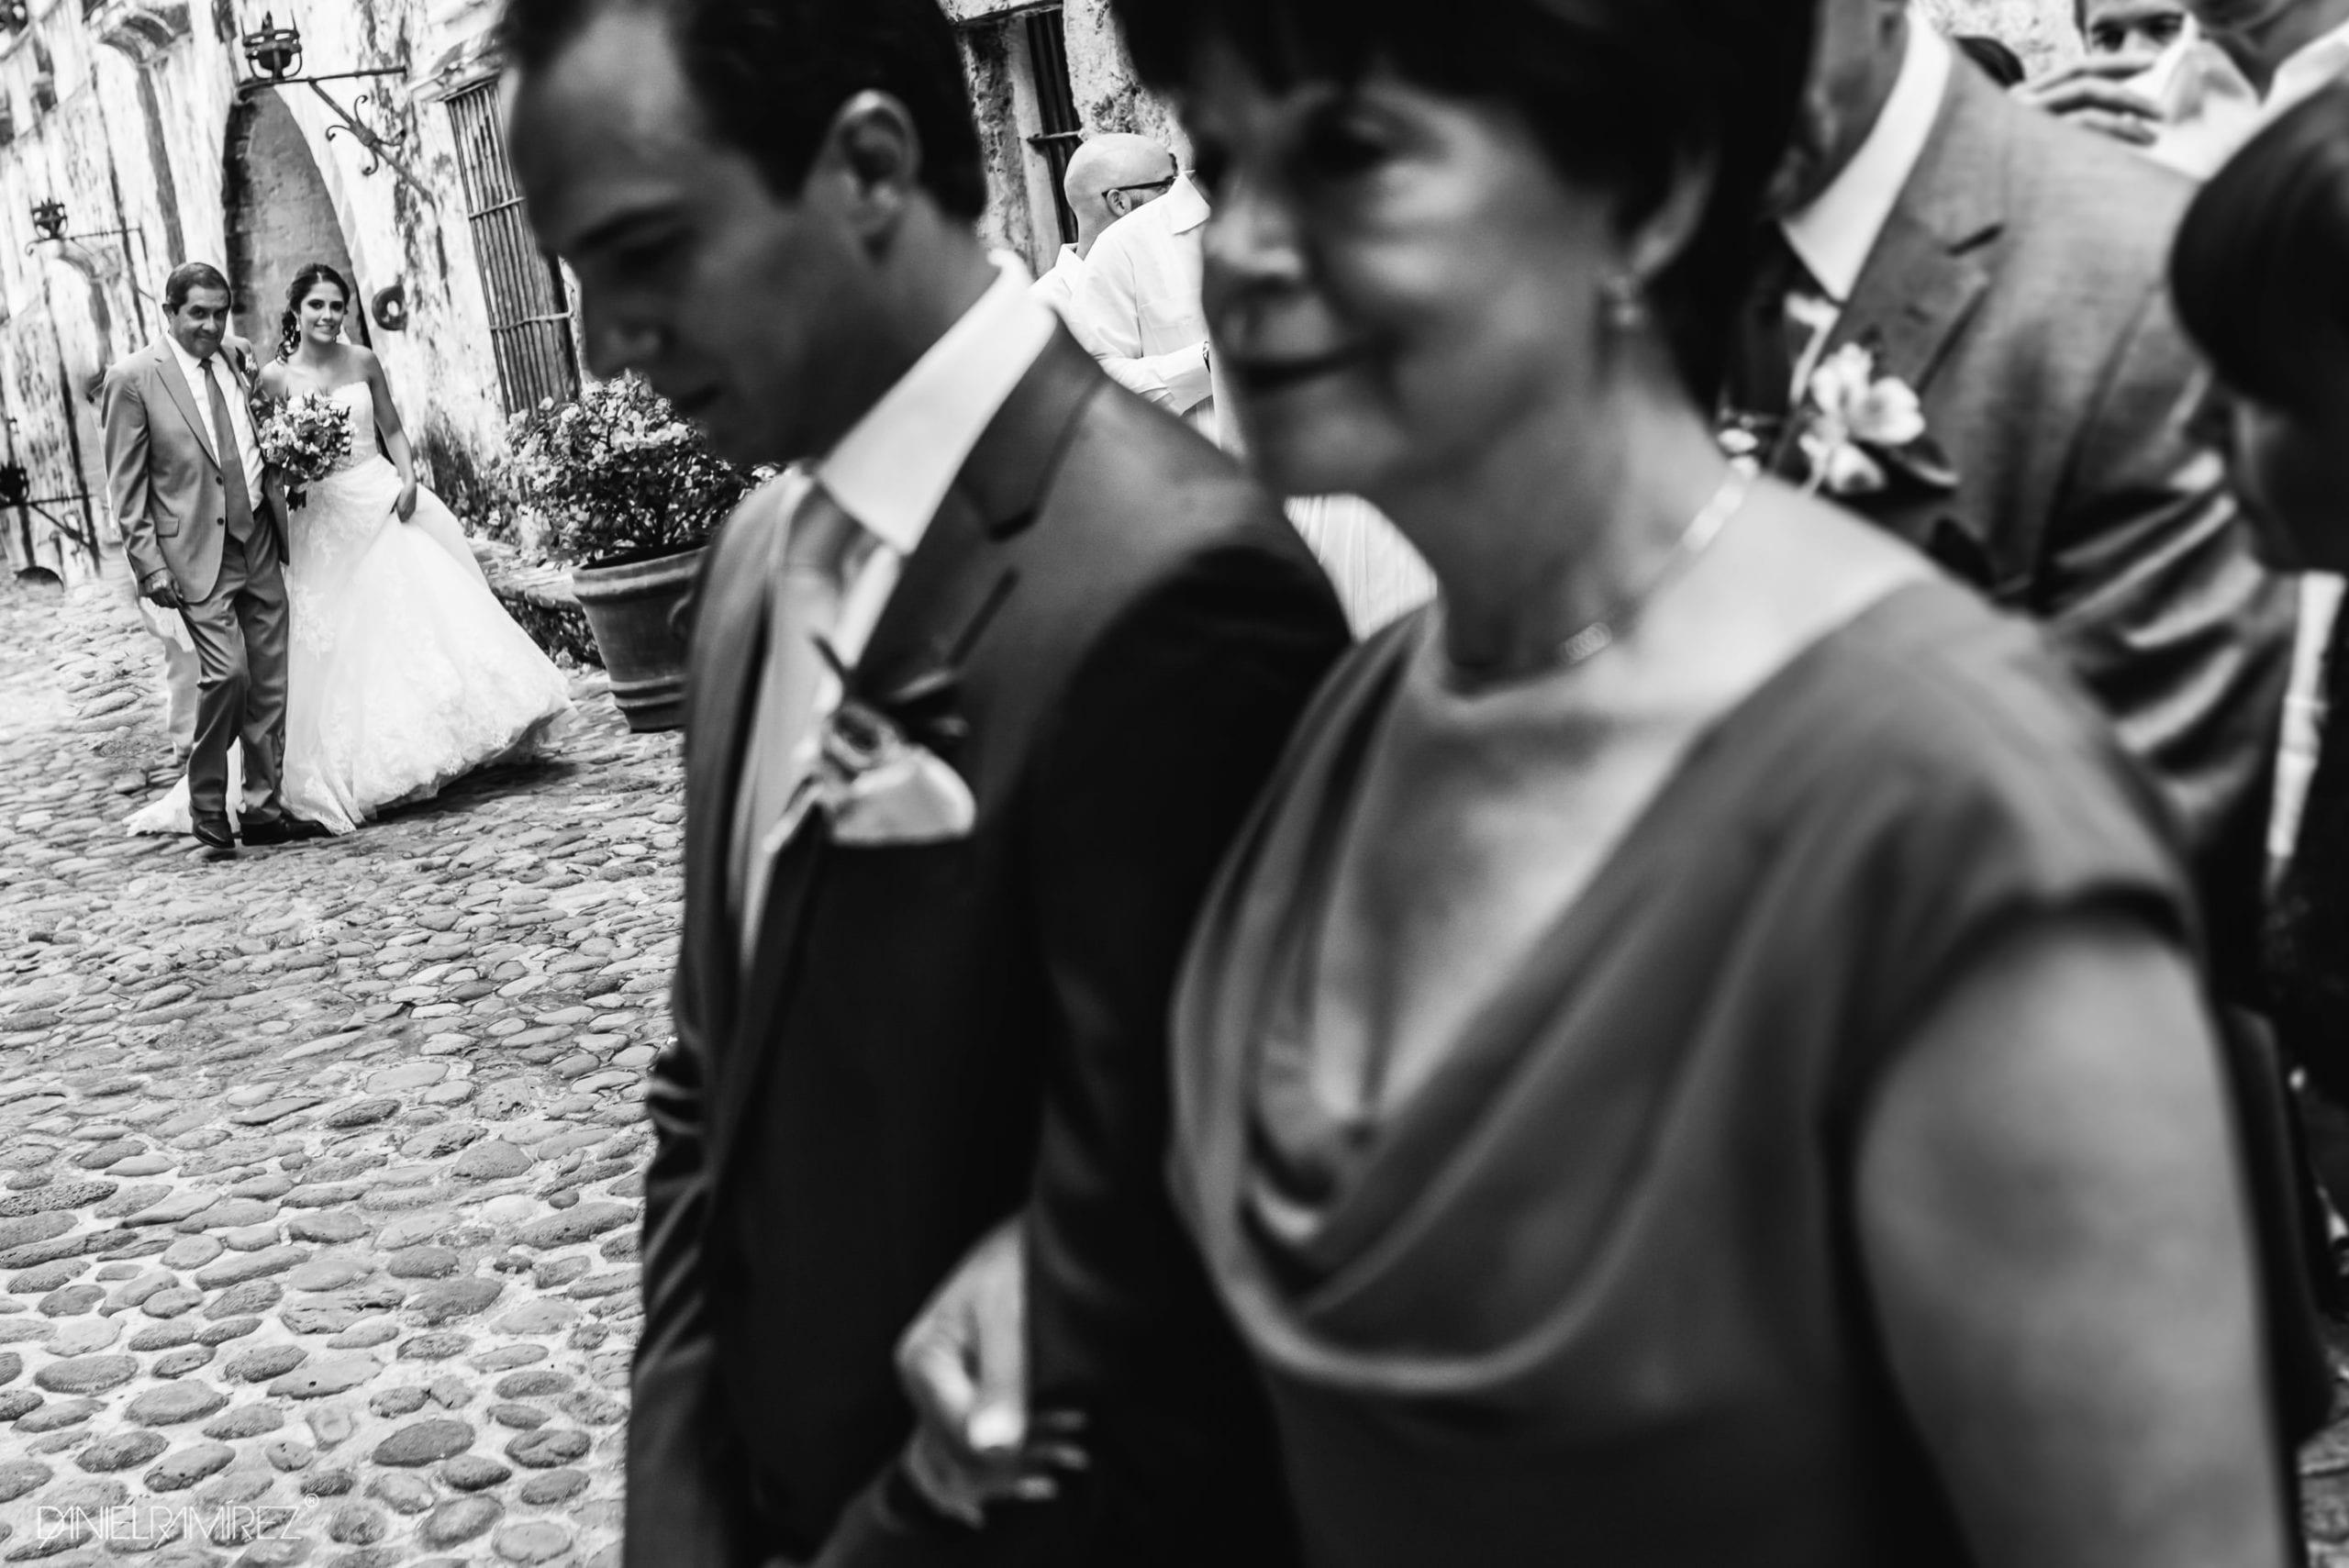 boda capilla chiconcuac